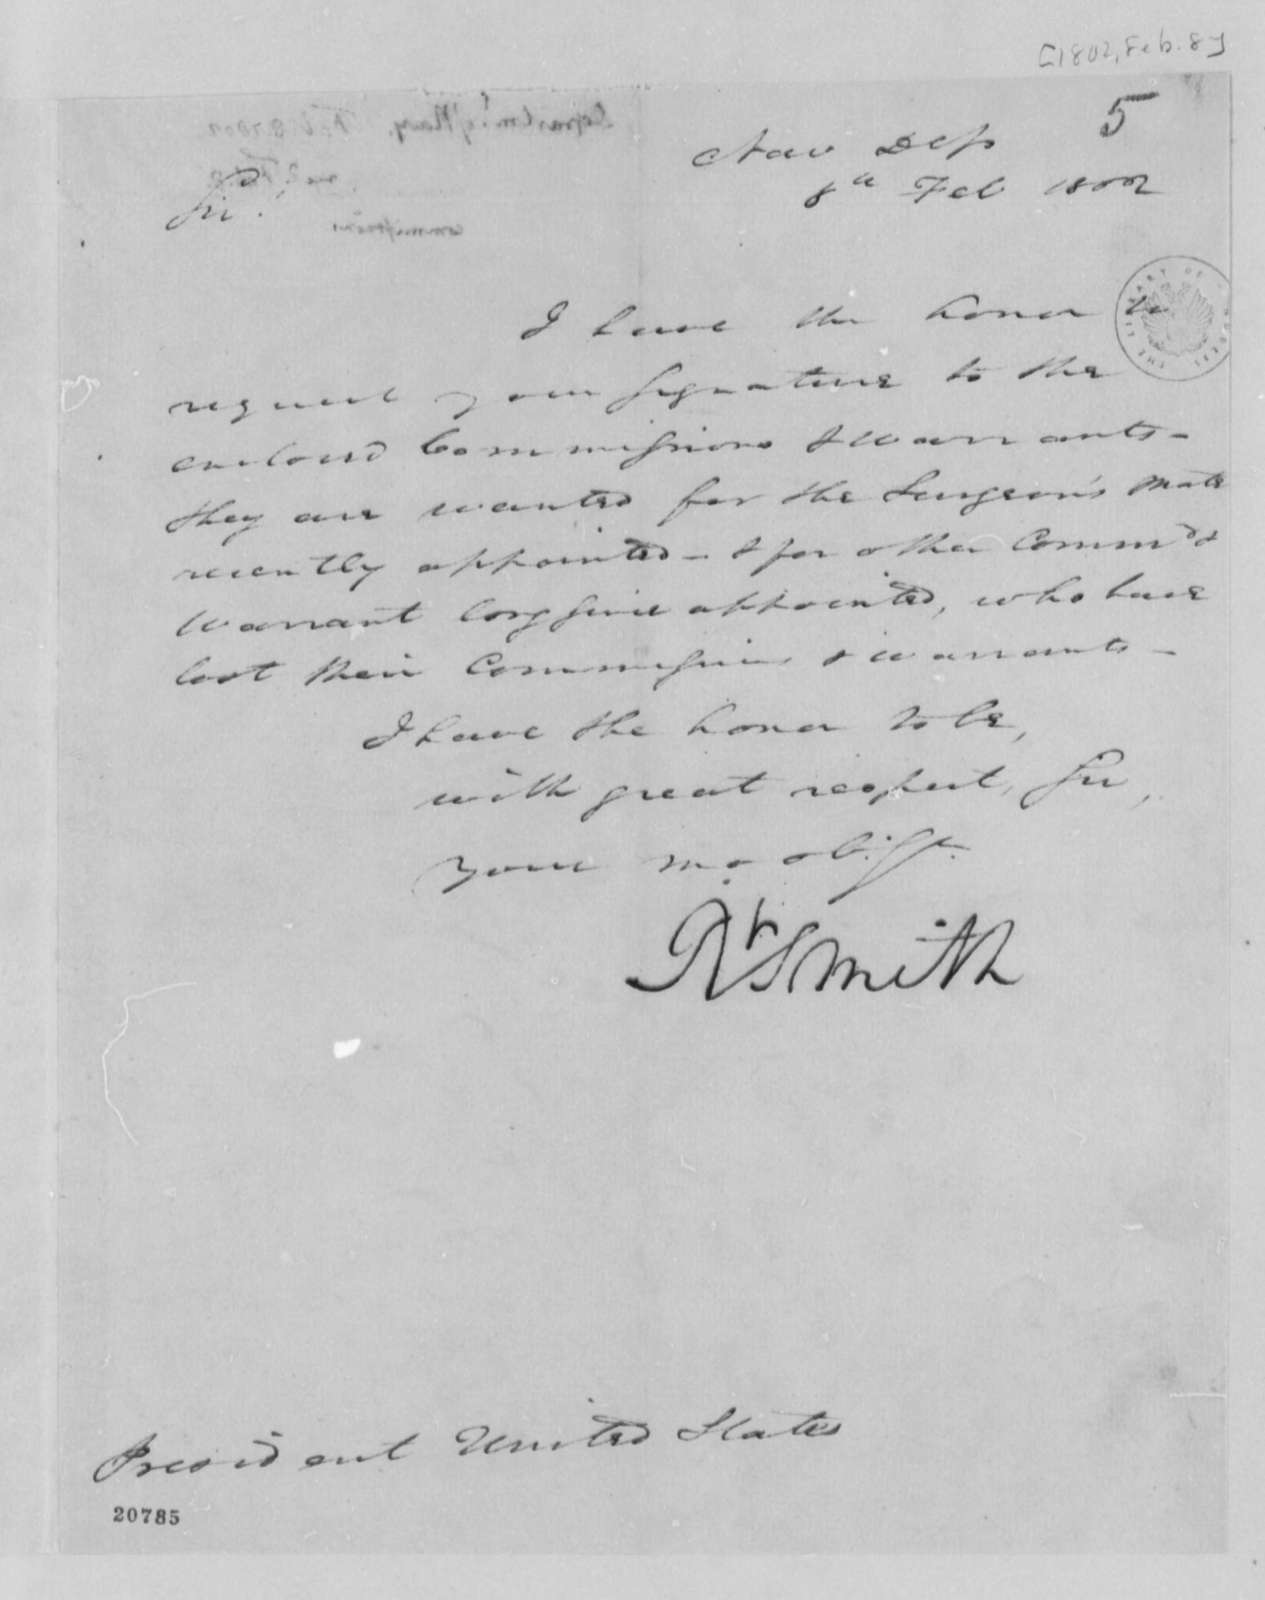 Robert Smith to Thomas Jefferson, February 8, 1802